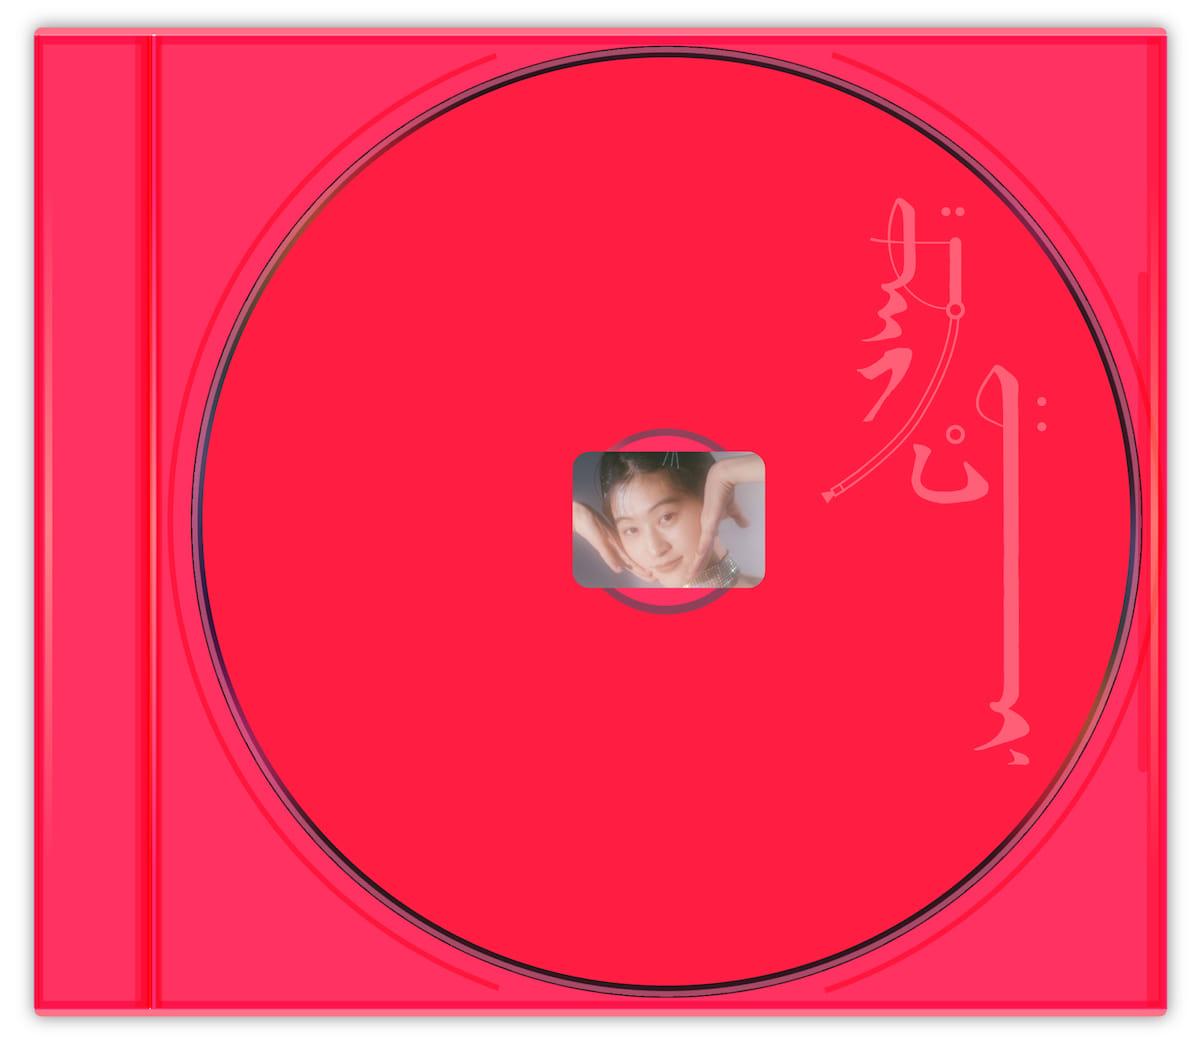 【イベントレポ】水曜日のカンパネラの新EP『ガラパゴス』を徹底解剖! music180411_wedcamp_2-1200x1042